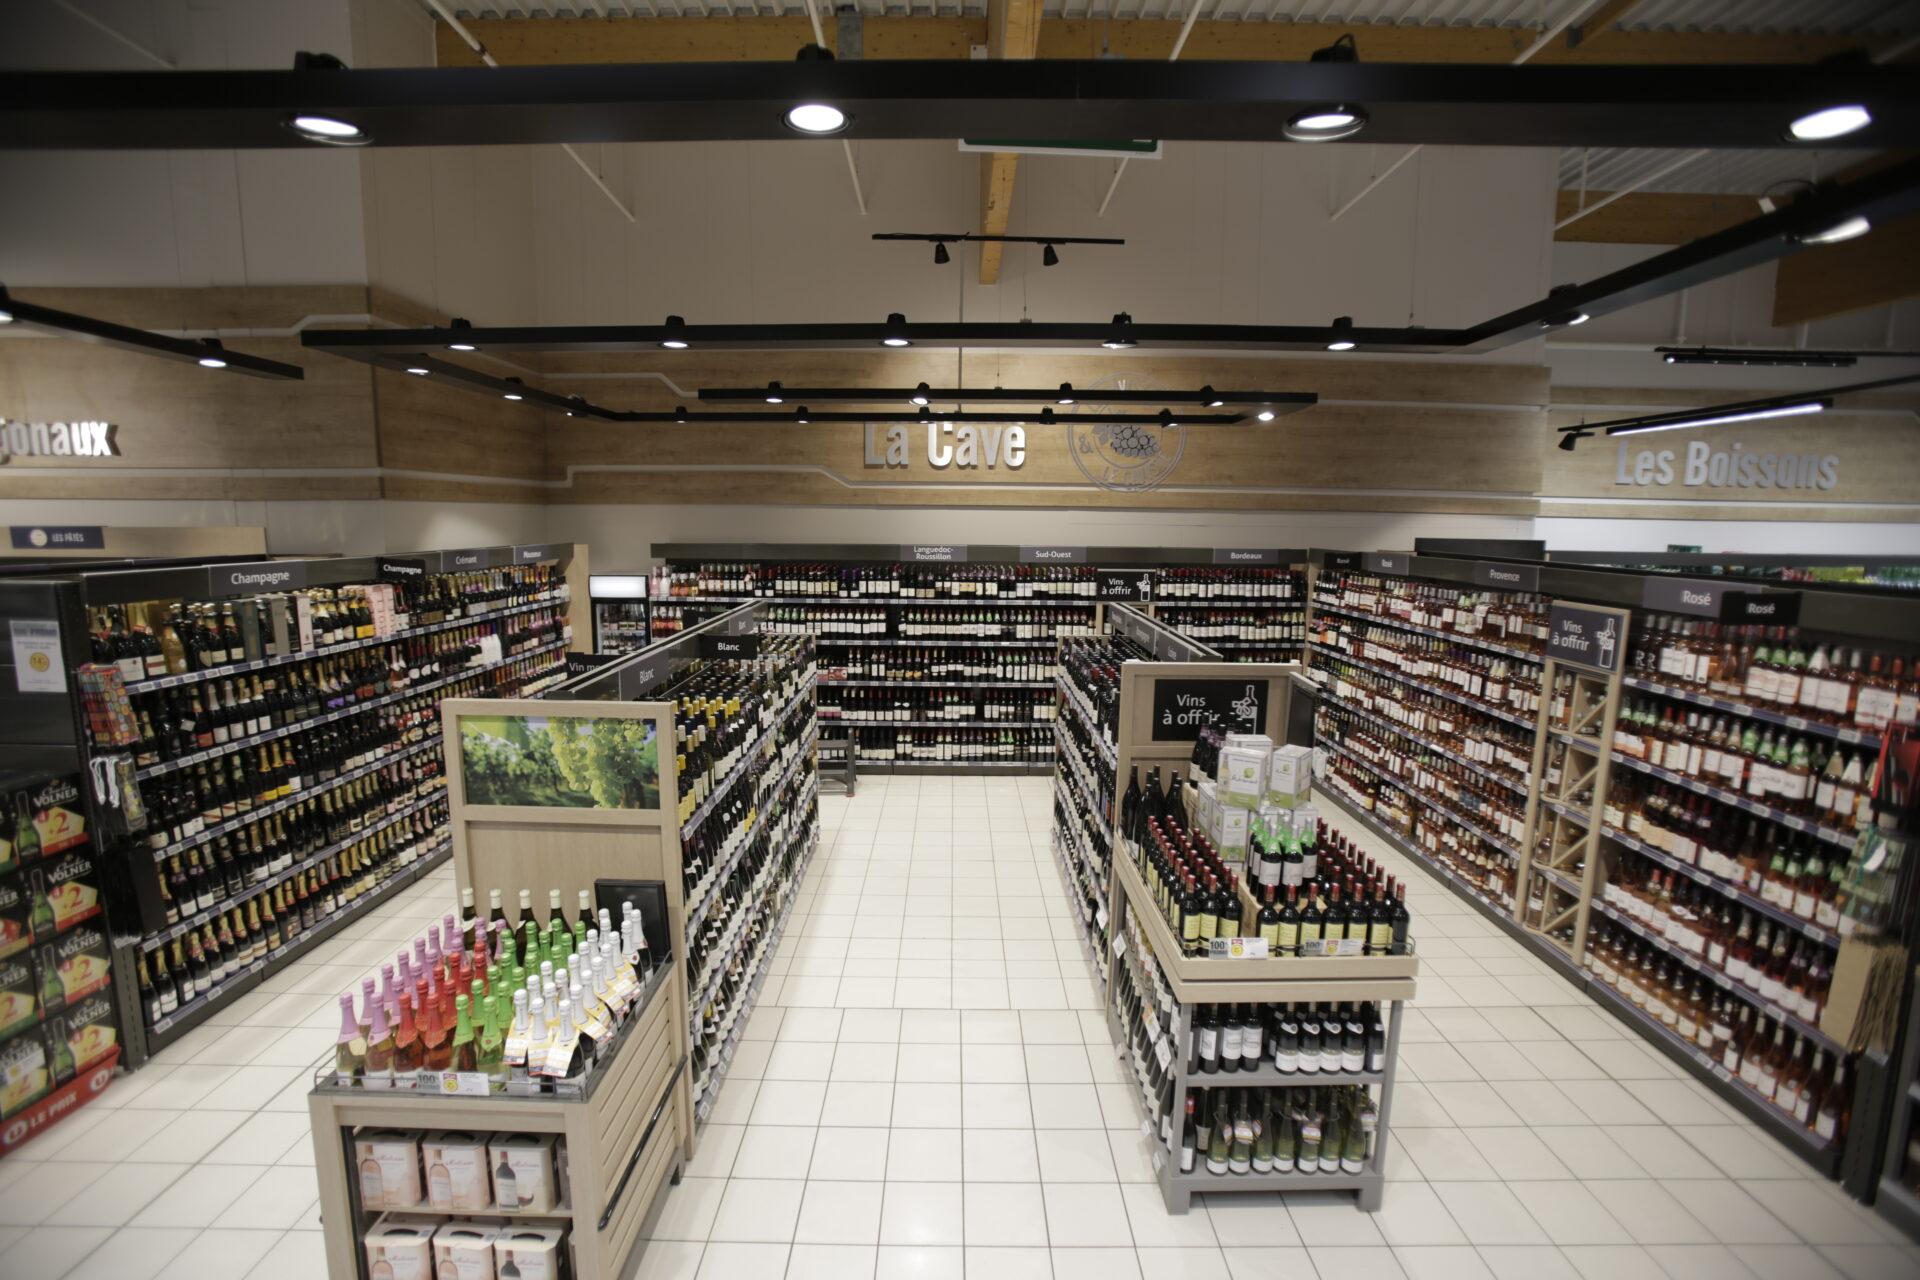 Eclairage Plafond A La Francaise trato - eclairage de magasin - eclairage commercial led